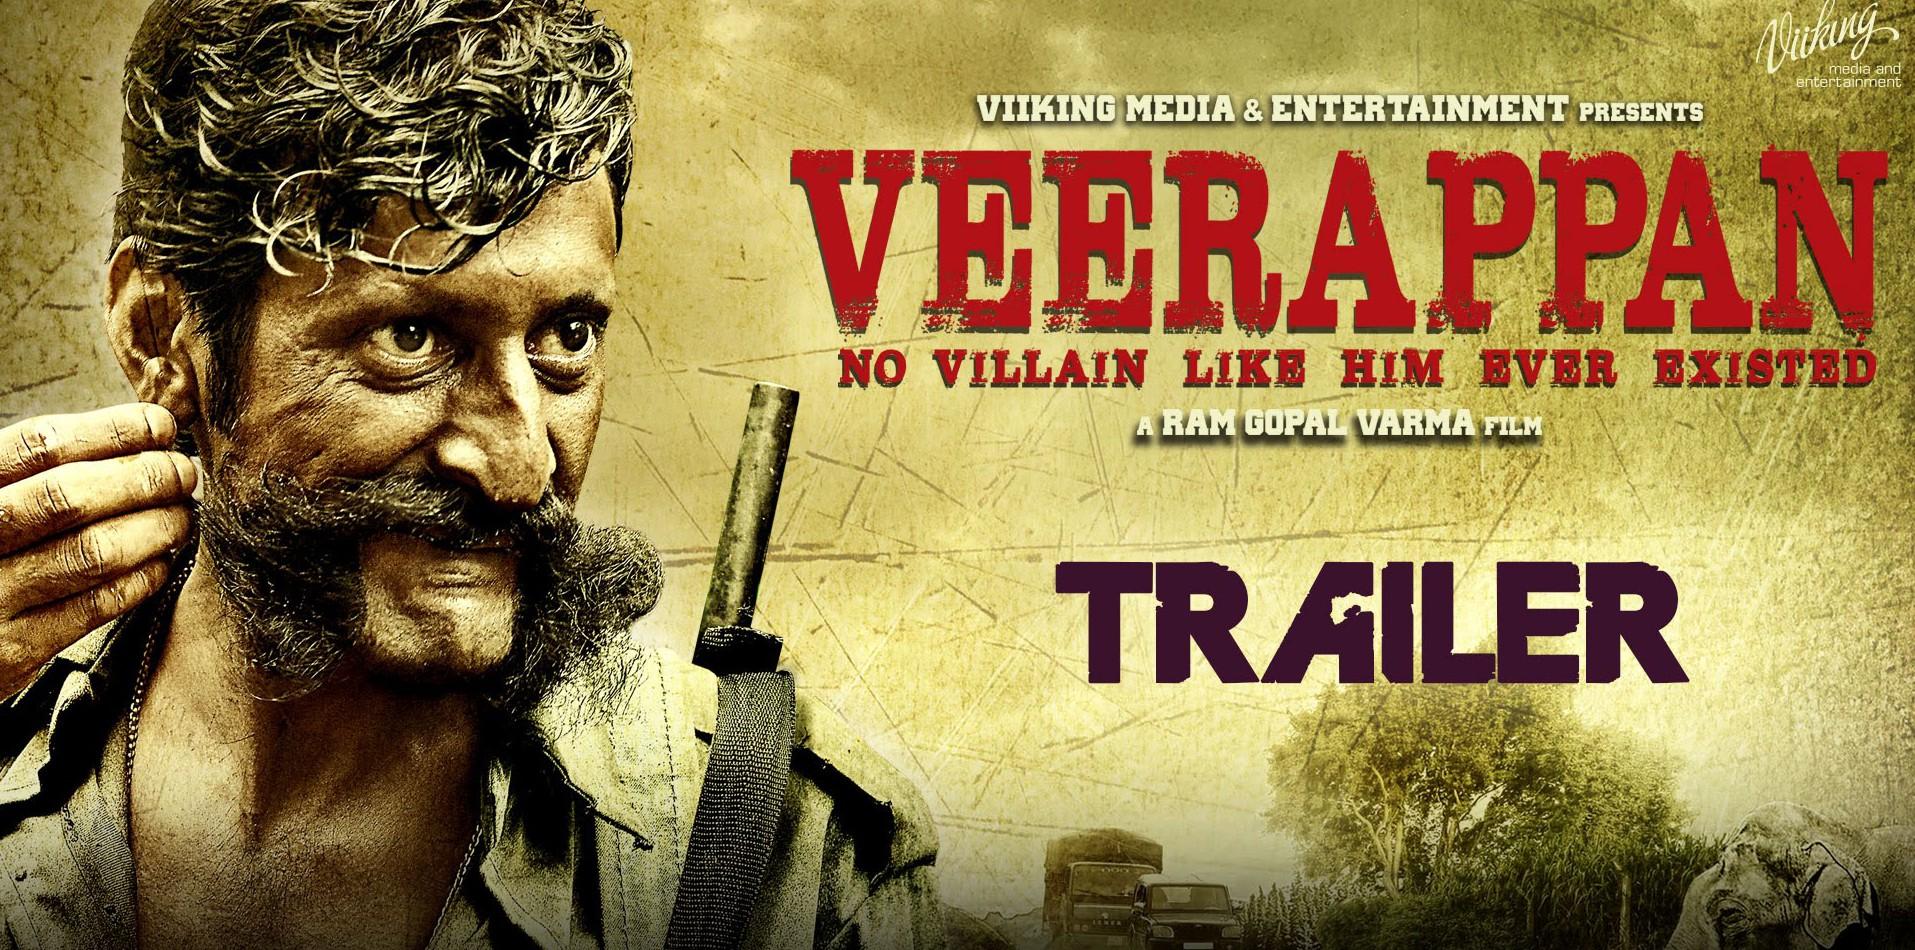 રામ ગોપાલ વર્મા ની ફિલ્મ 'વિરપ્પન' 27 મેં એ રીલીઝ થશે